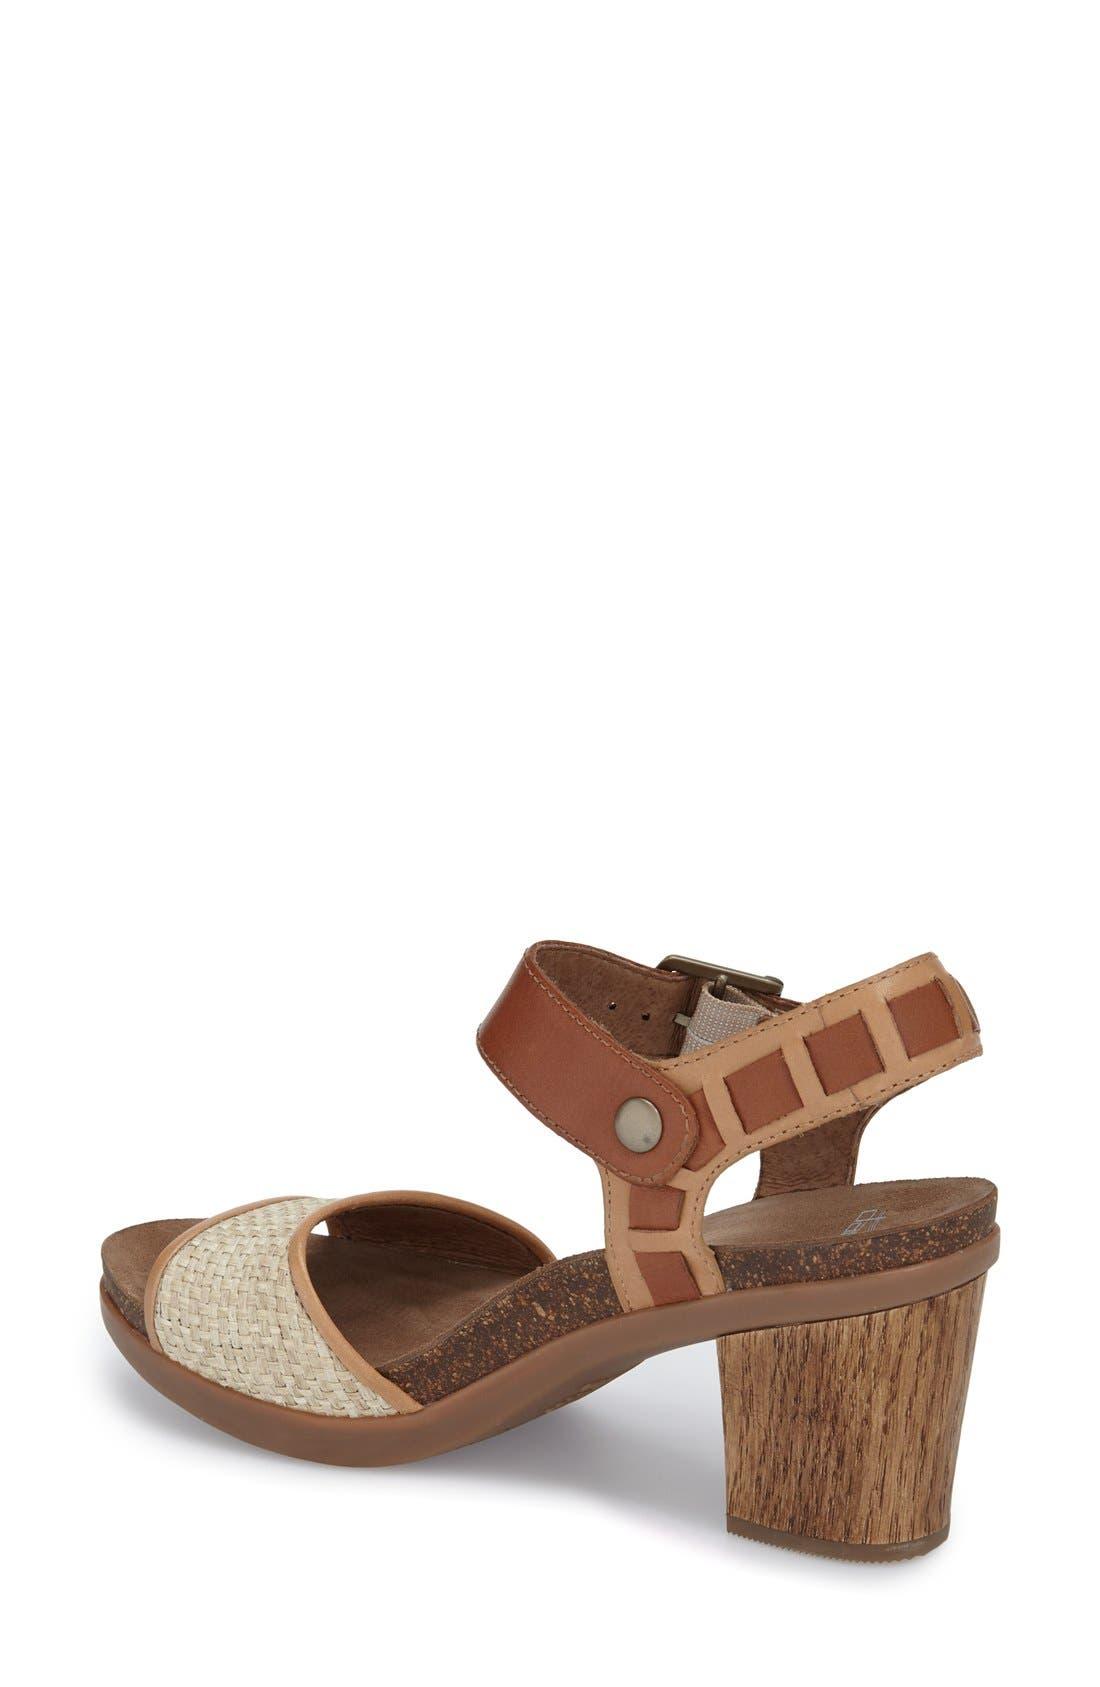 Alternate Image 2  - Dansko 'Debby' Platform Sandal (Women)